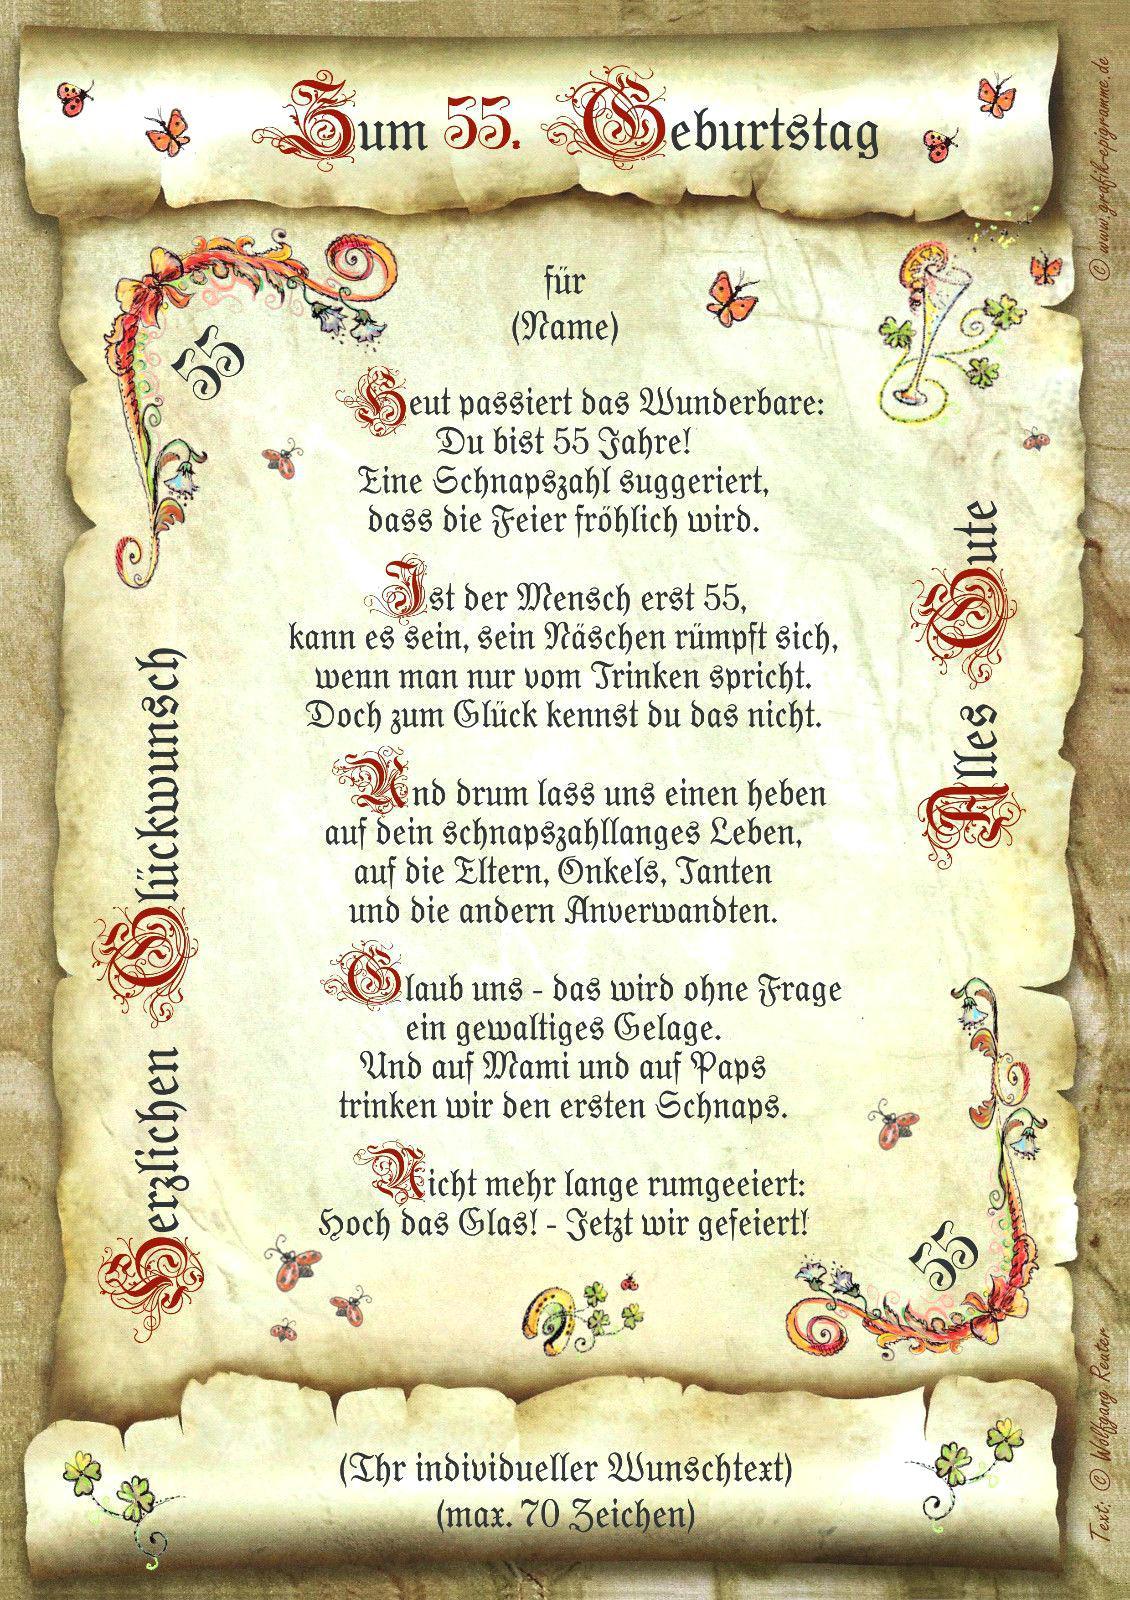 Geschenke Zum 60. Geburtstag Mutter  Geschenk Zum 50 Geburtstag Vater Selber Machen